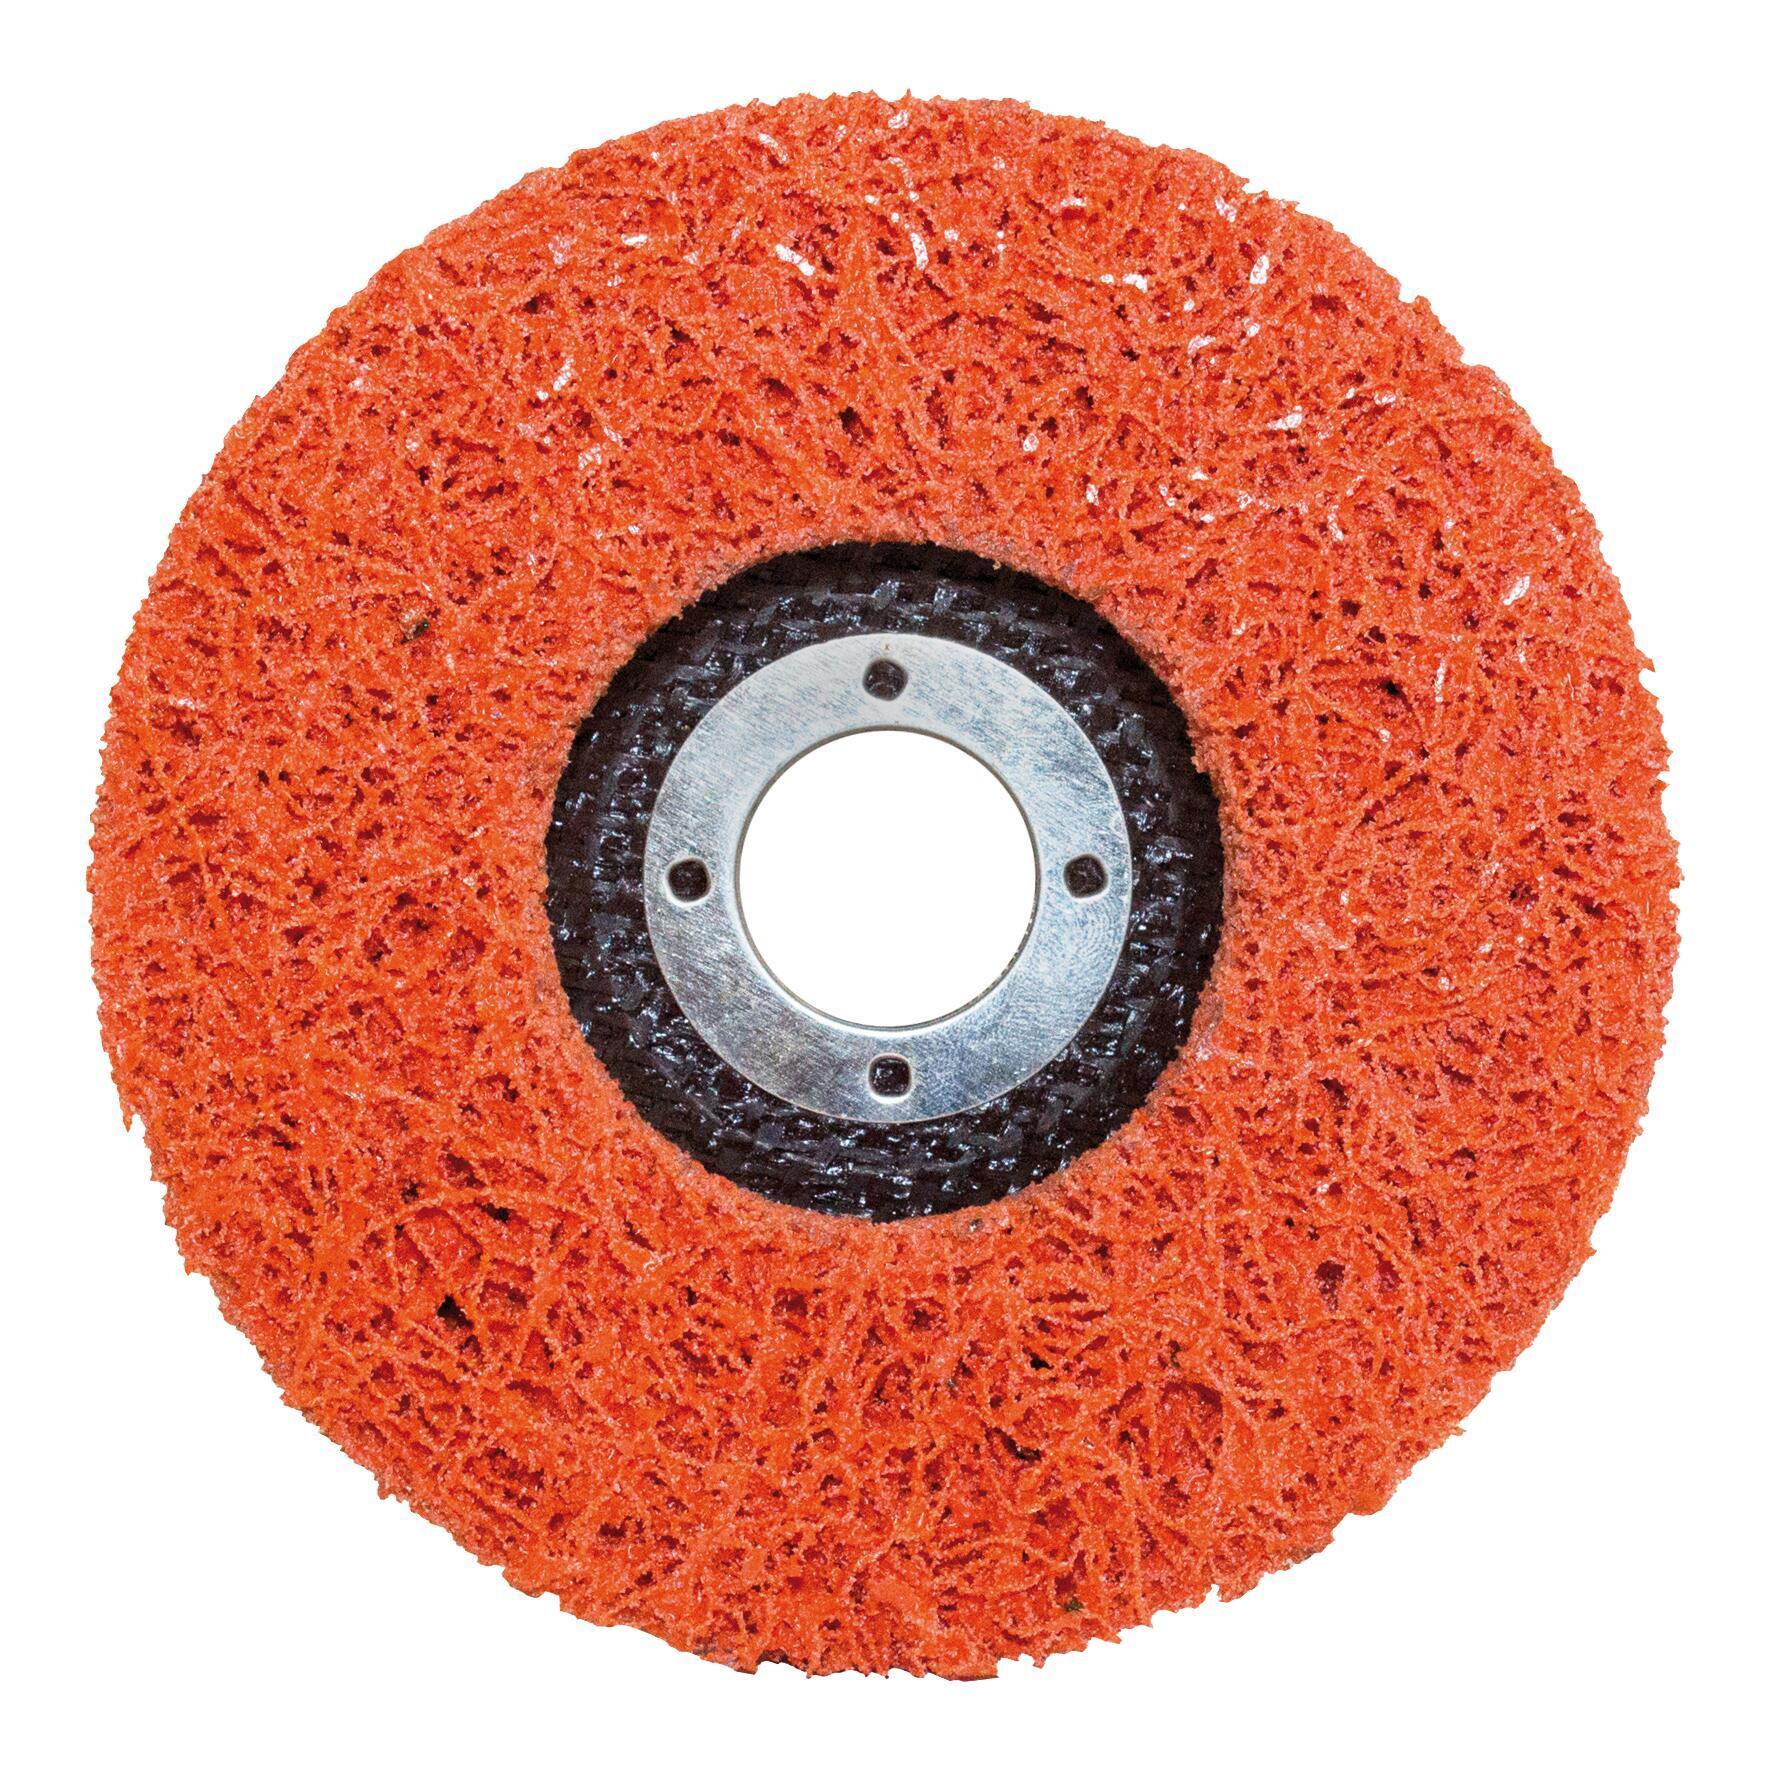 Disco per lucidatura NORTON Blaze Rapid in fibra di vetro Ø 115 mm - 2